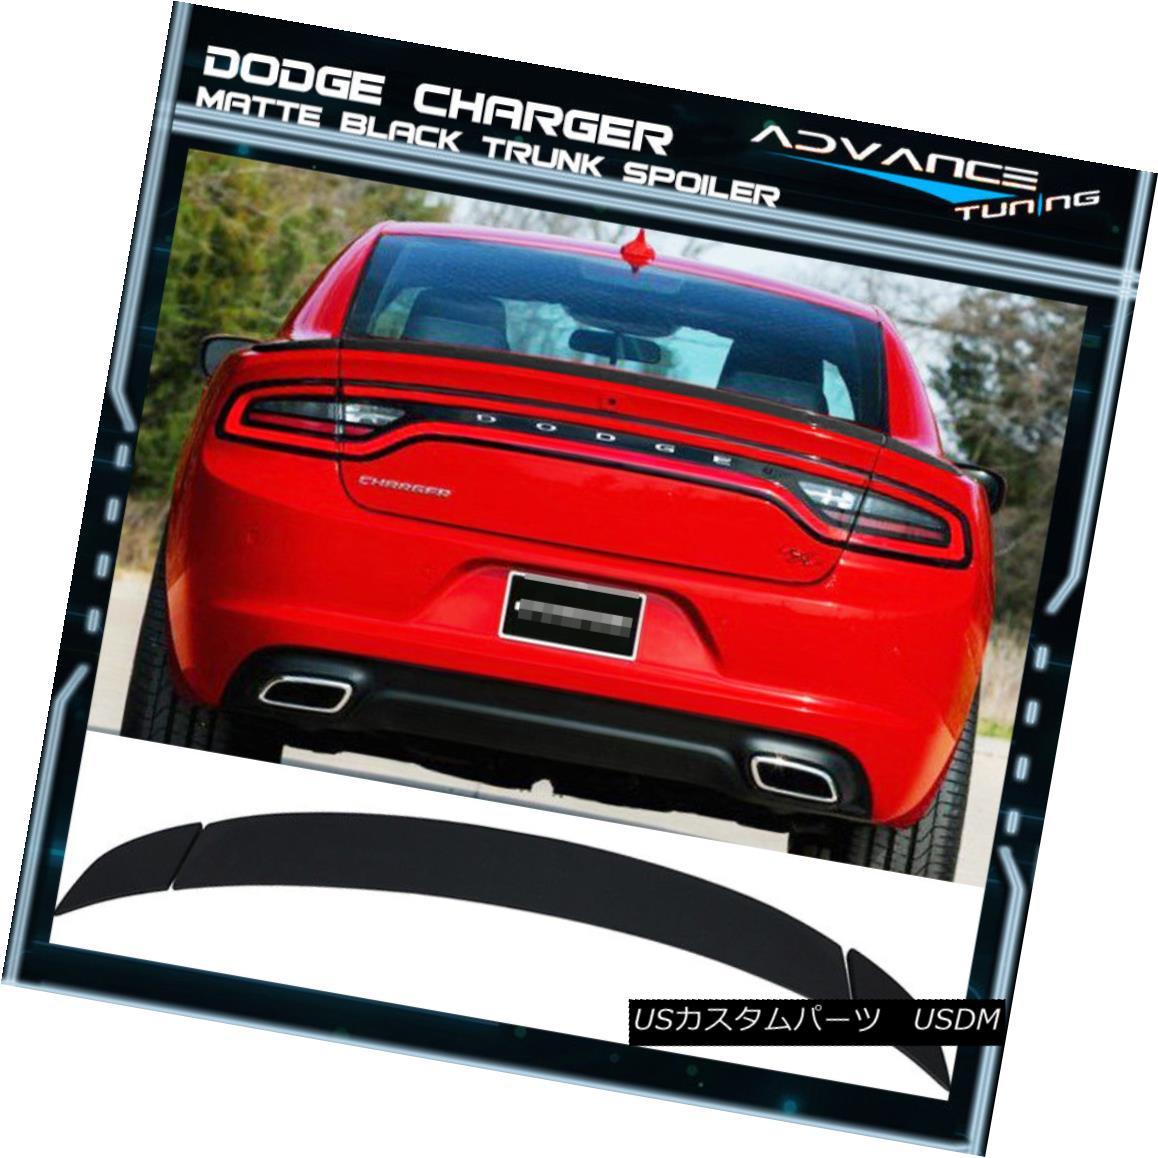 エアロパーツ Fits 15-18 Dodge Charger OE Factory Style 3PC Trunk Spoiler - Matte Black ABS フィット15-18ドッジ充電器OE工場のスタイル3PCトランクスポイラー - マットブラックABS